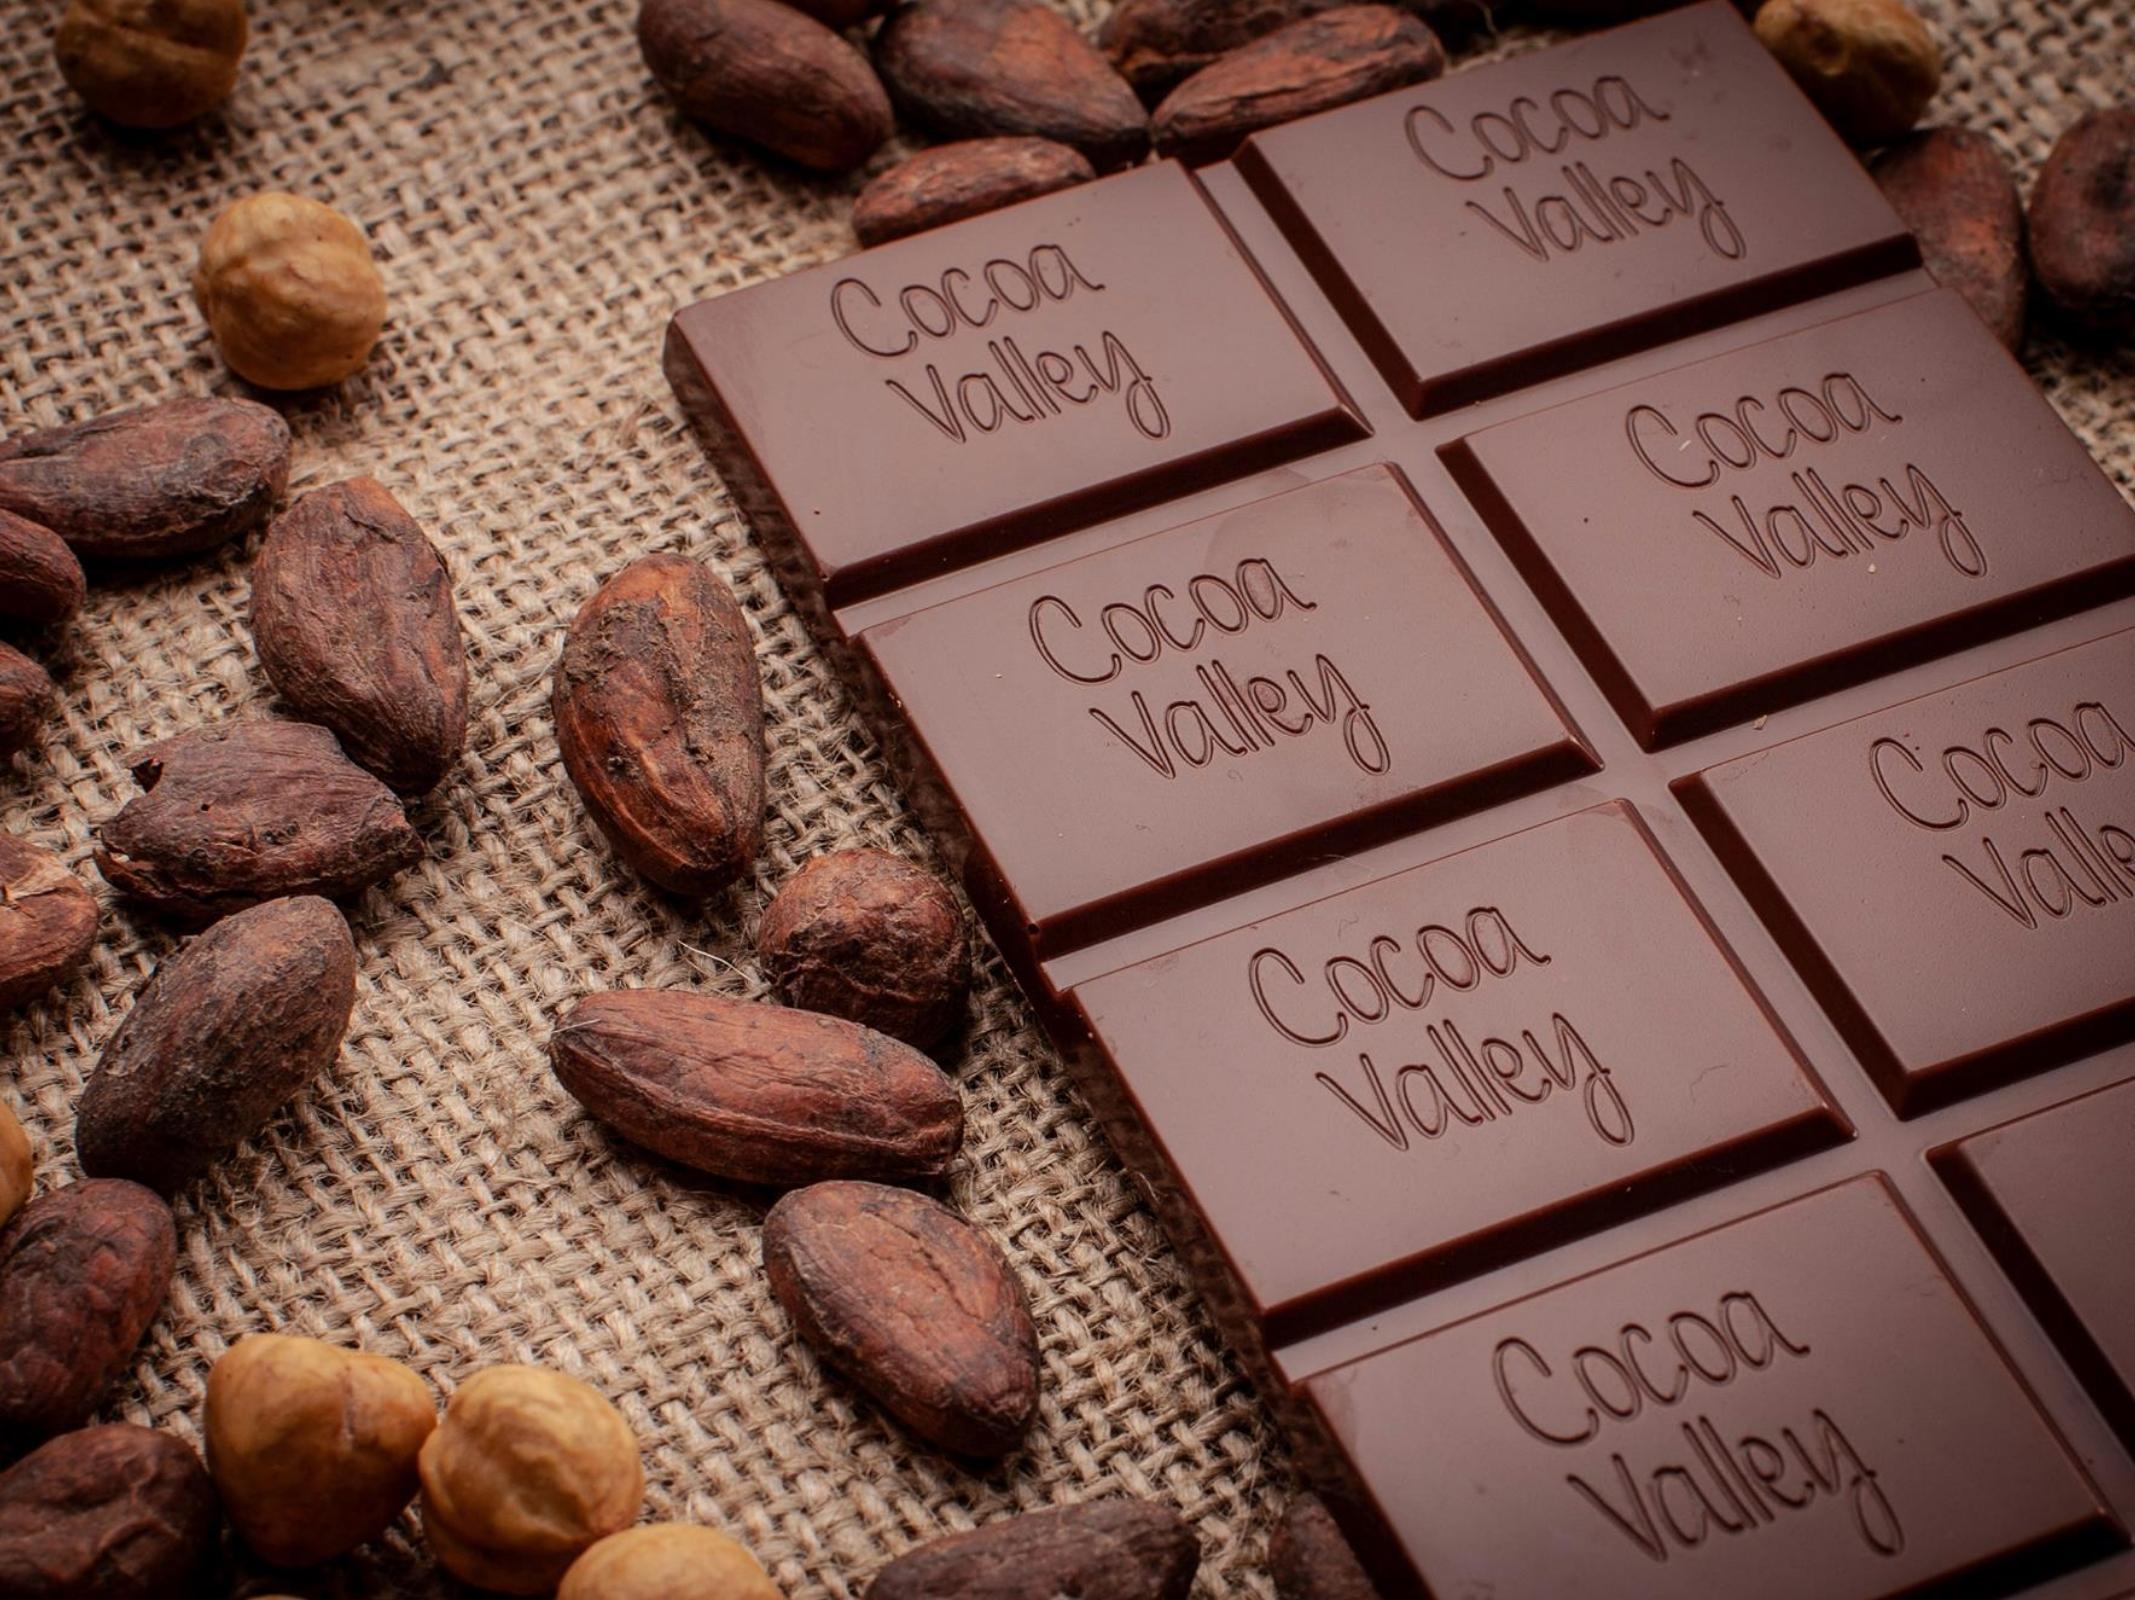 Fèves de cacao - Tablette de chocolat -- Cocoa Valley - Marché des Producteurs - Les Trésoms Annecy